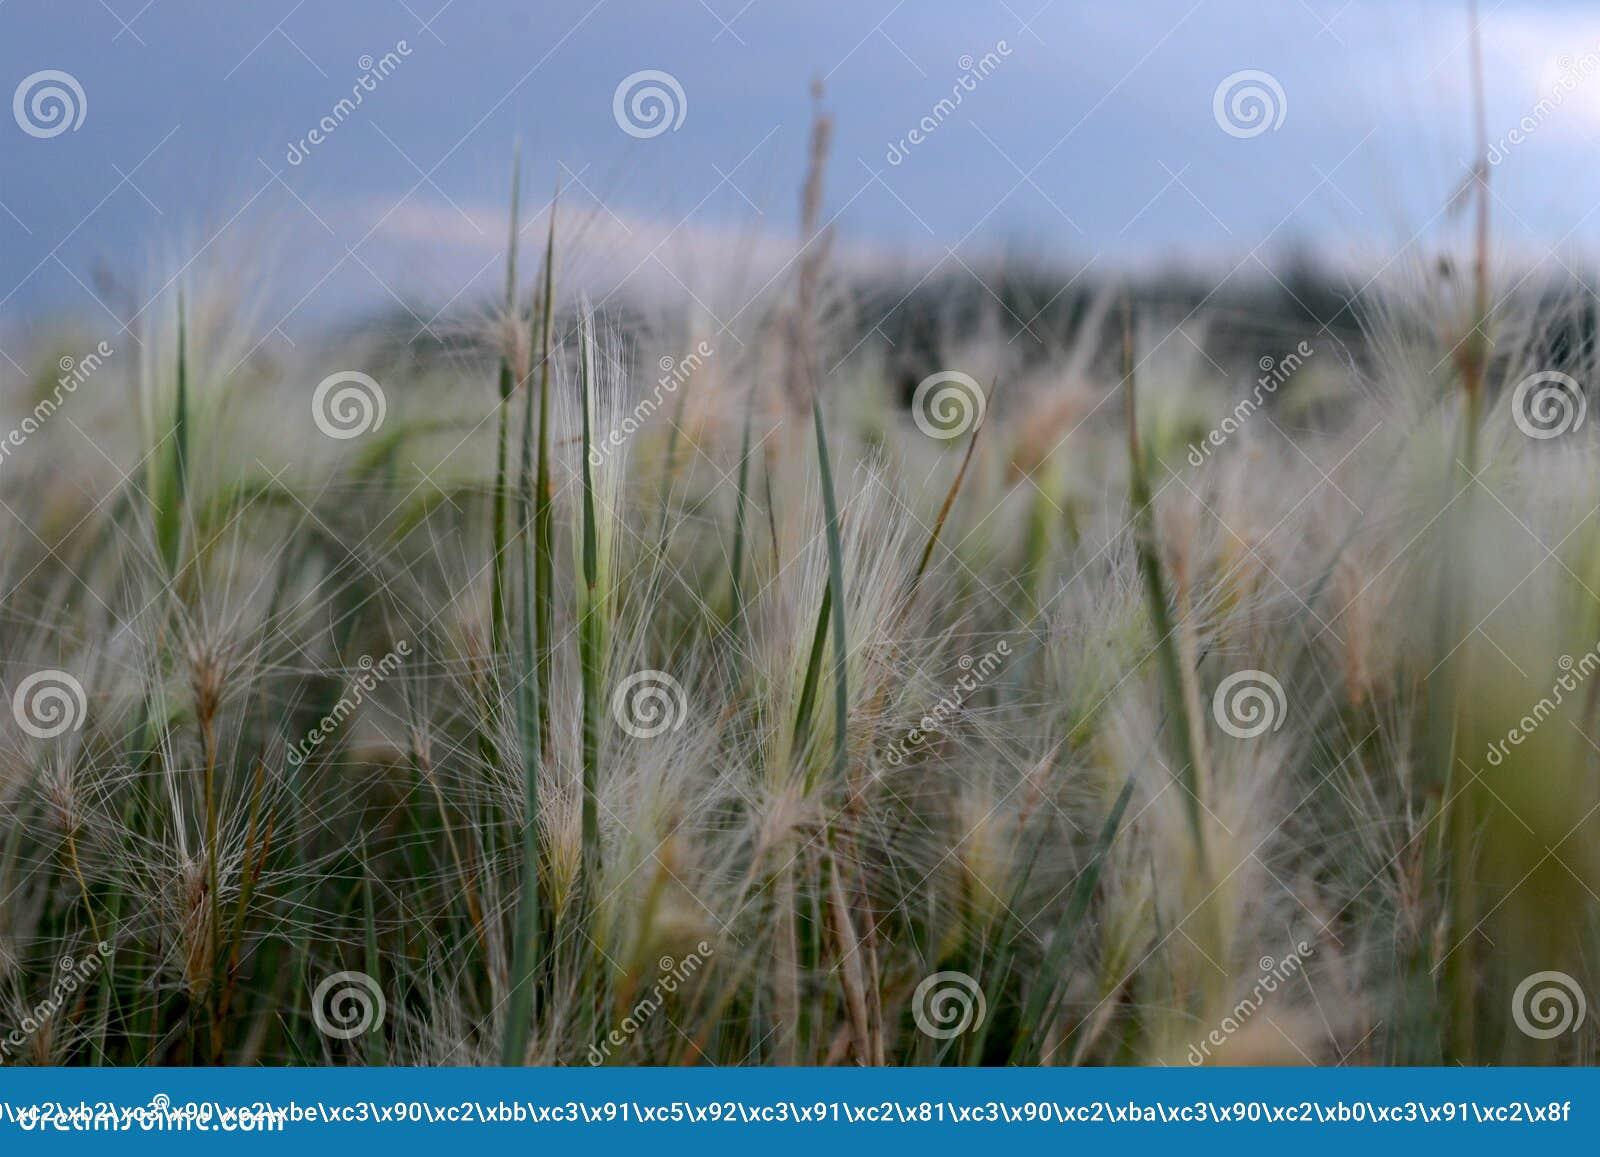 Miniaturowy słońce na trawie